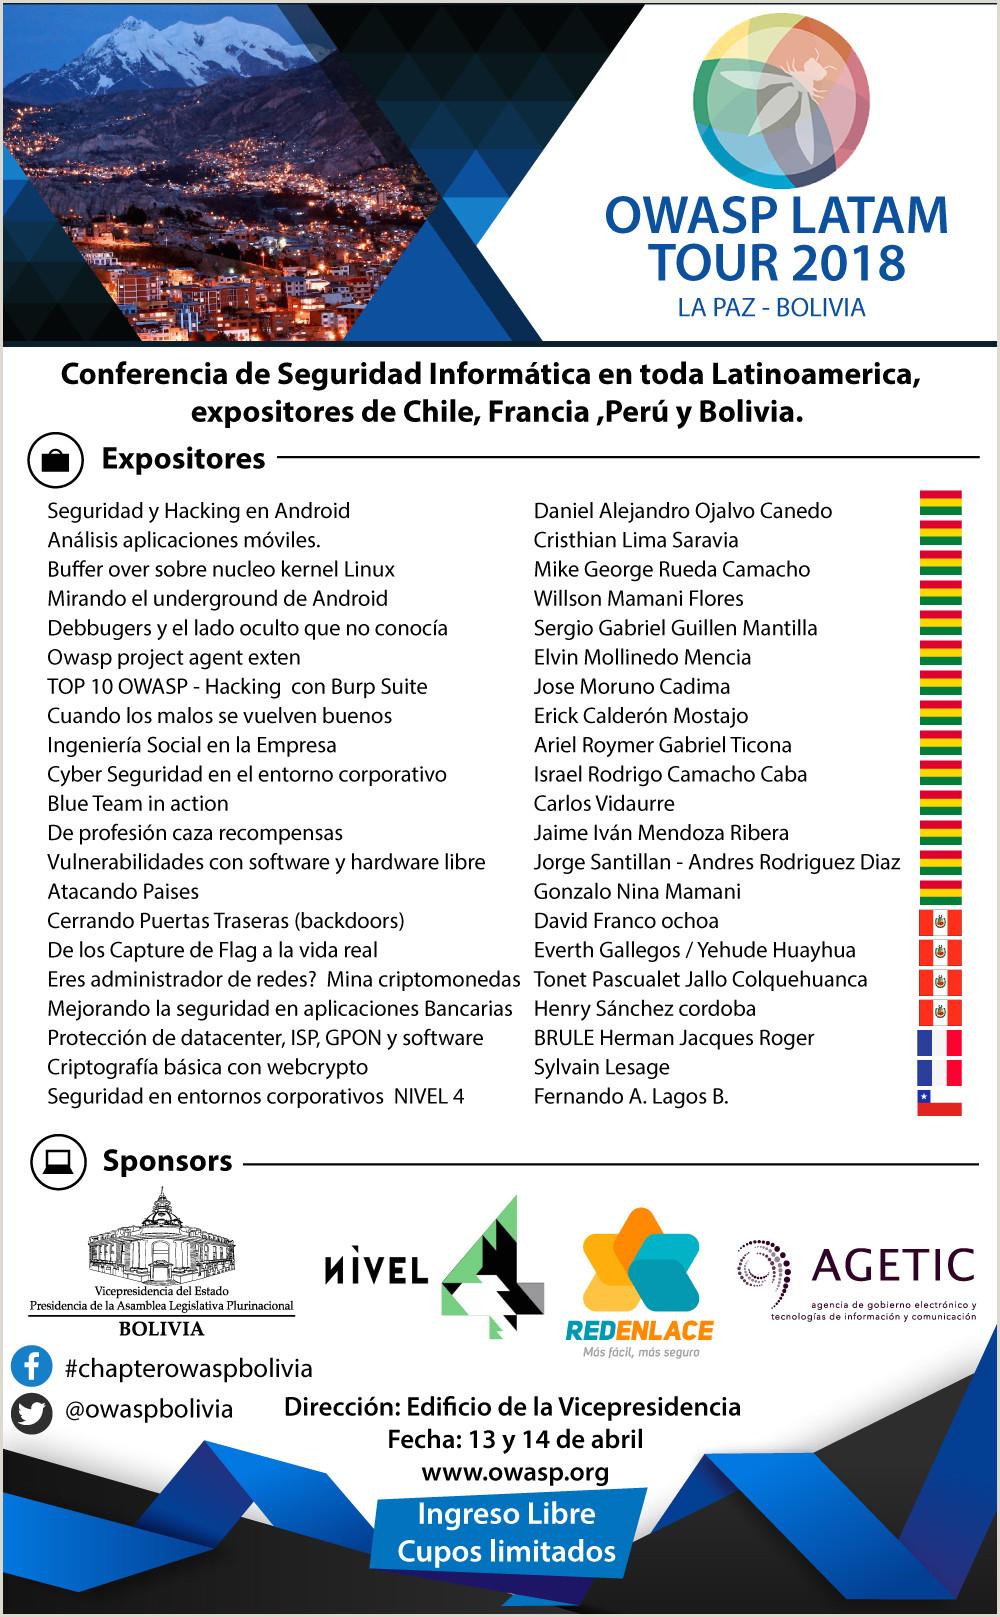 Descargar Hoja De Vida Colombia 2019 Latamtour2018 Owasp